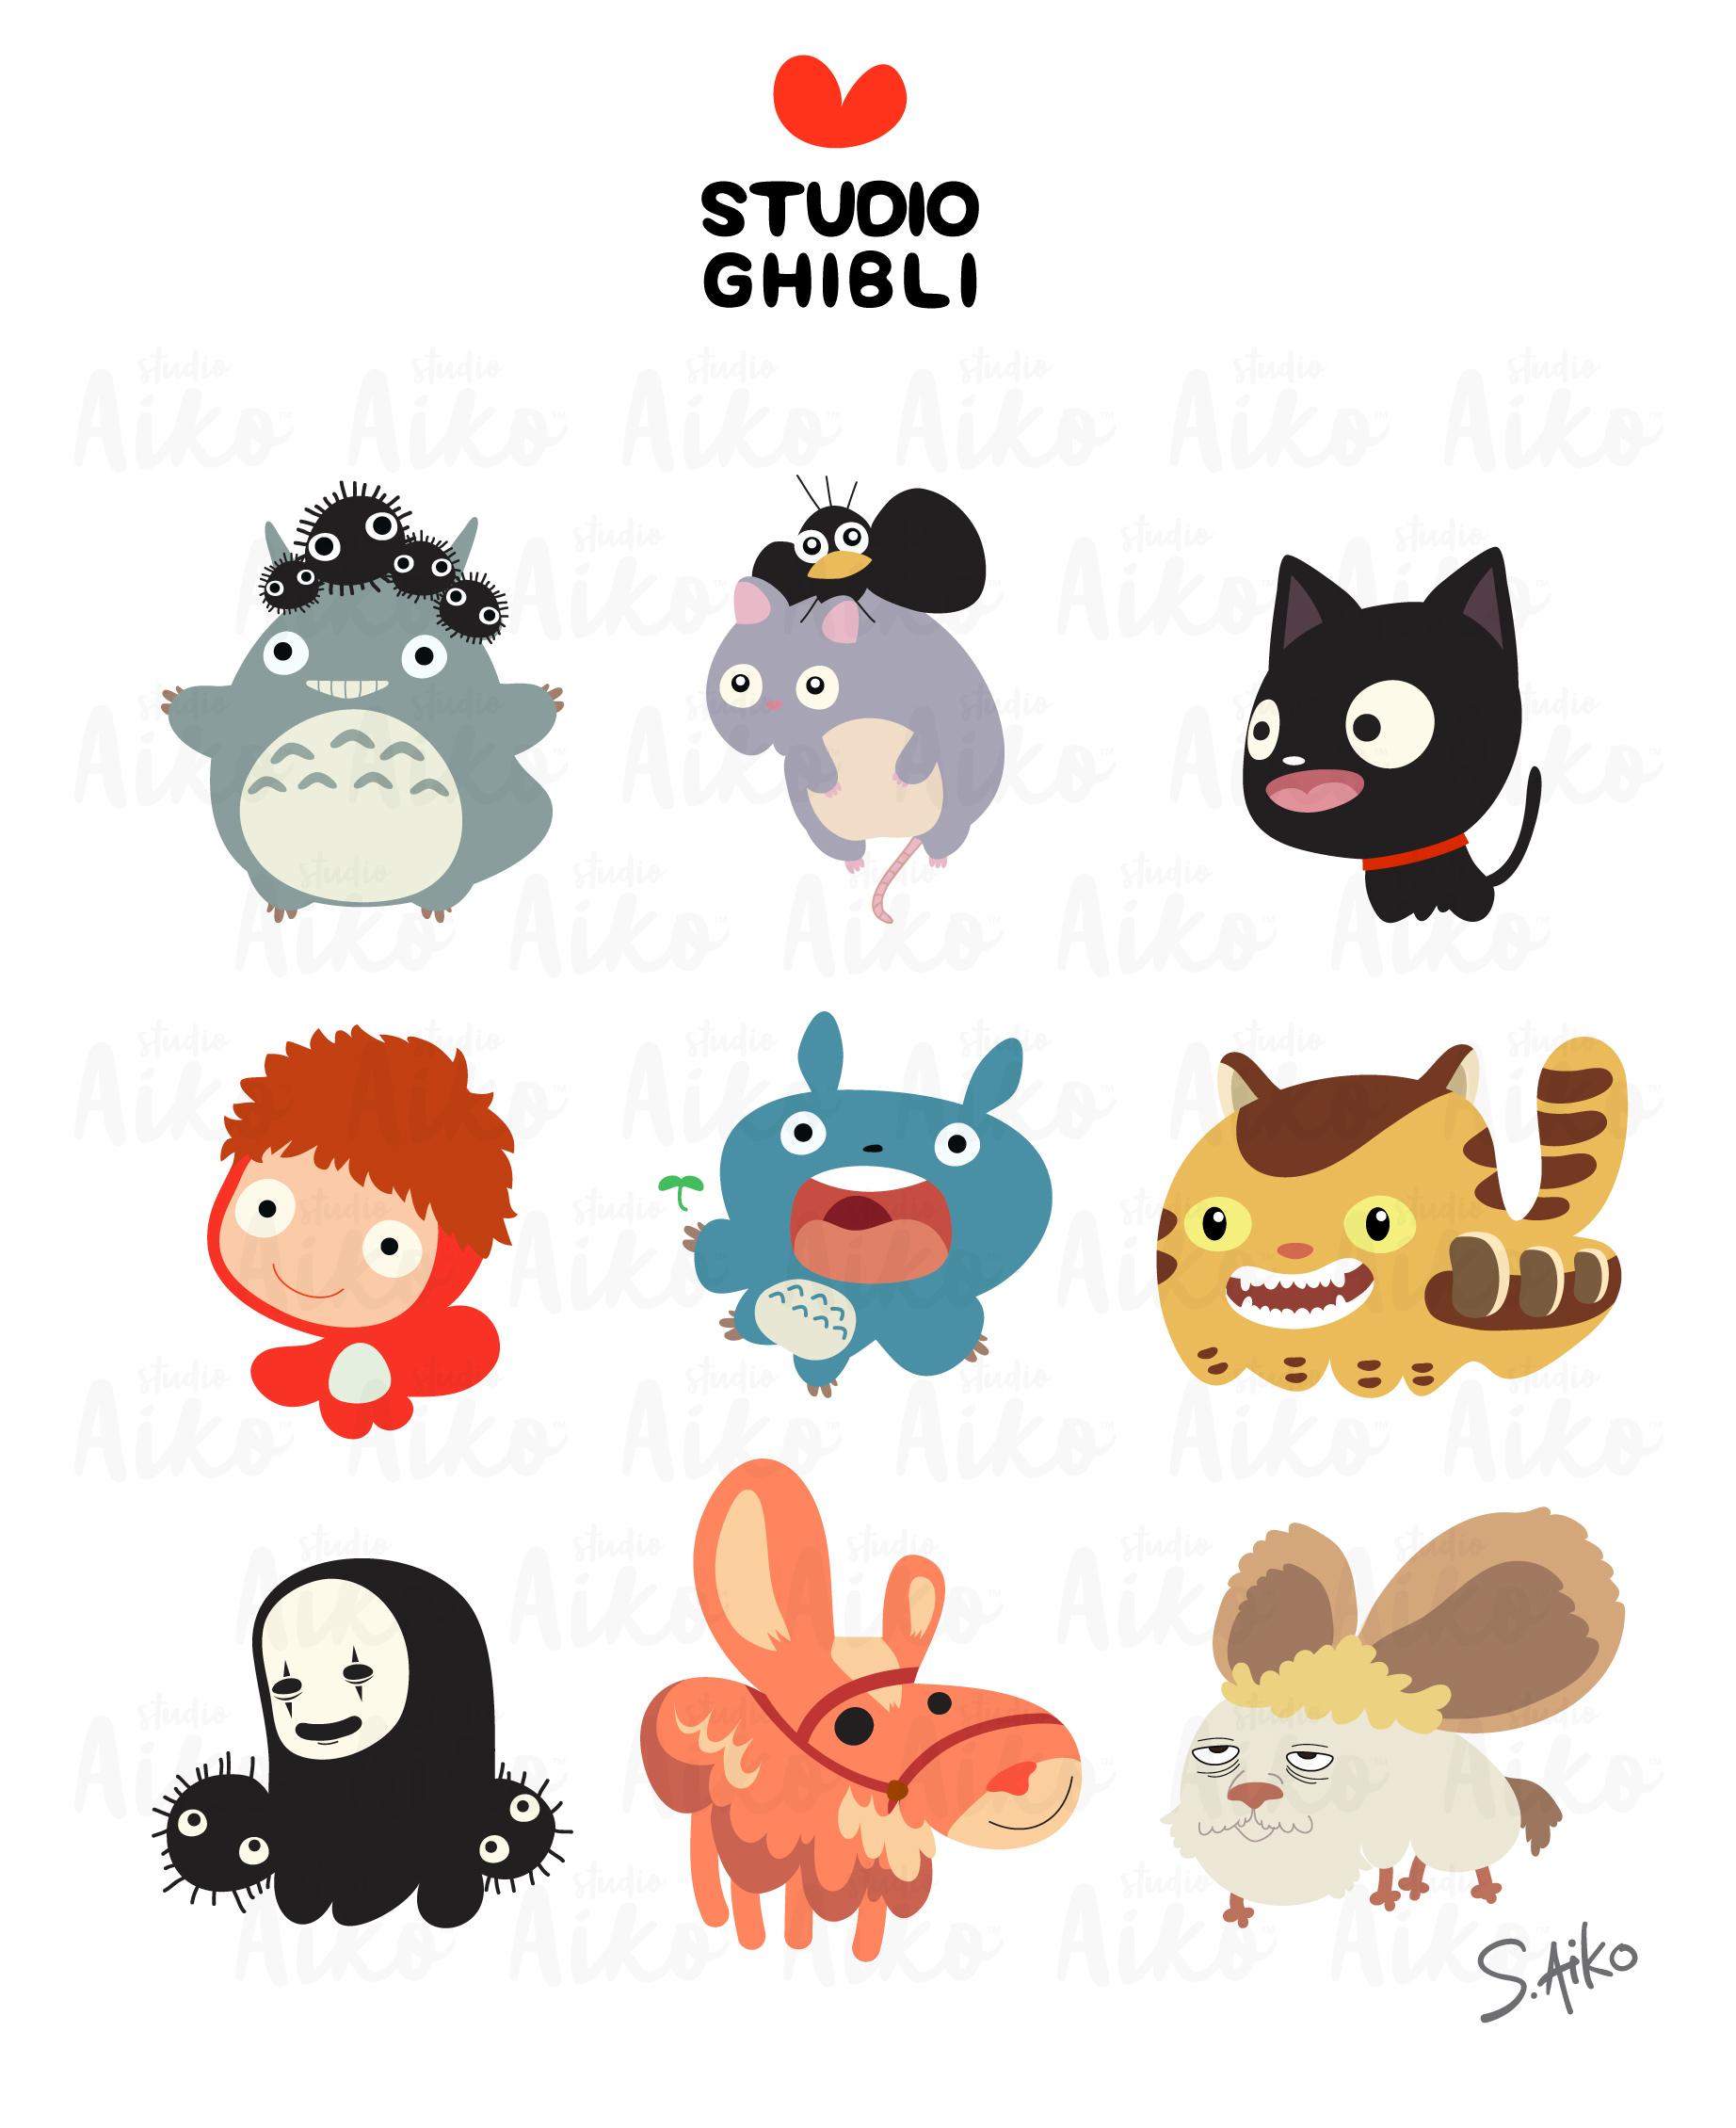 StudioGhibli